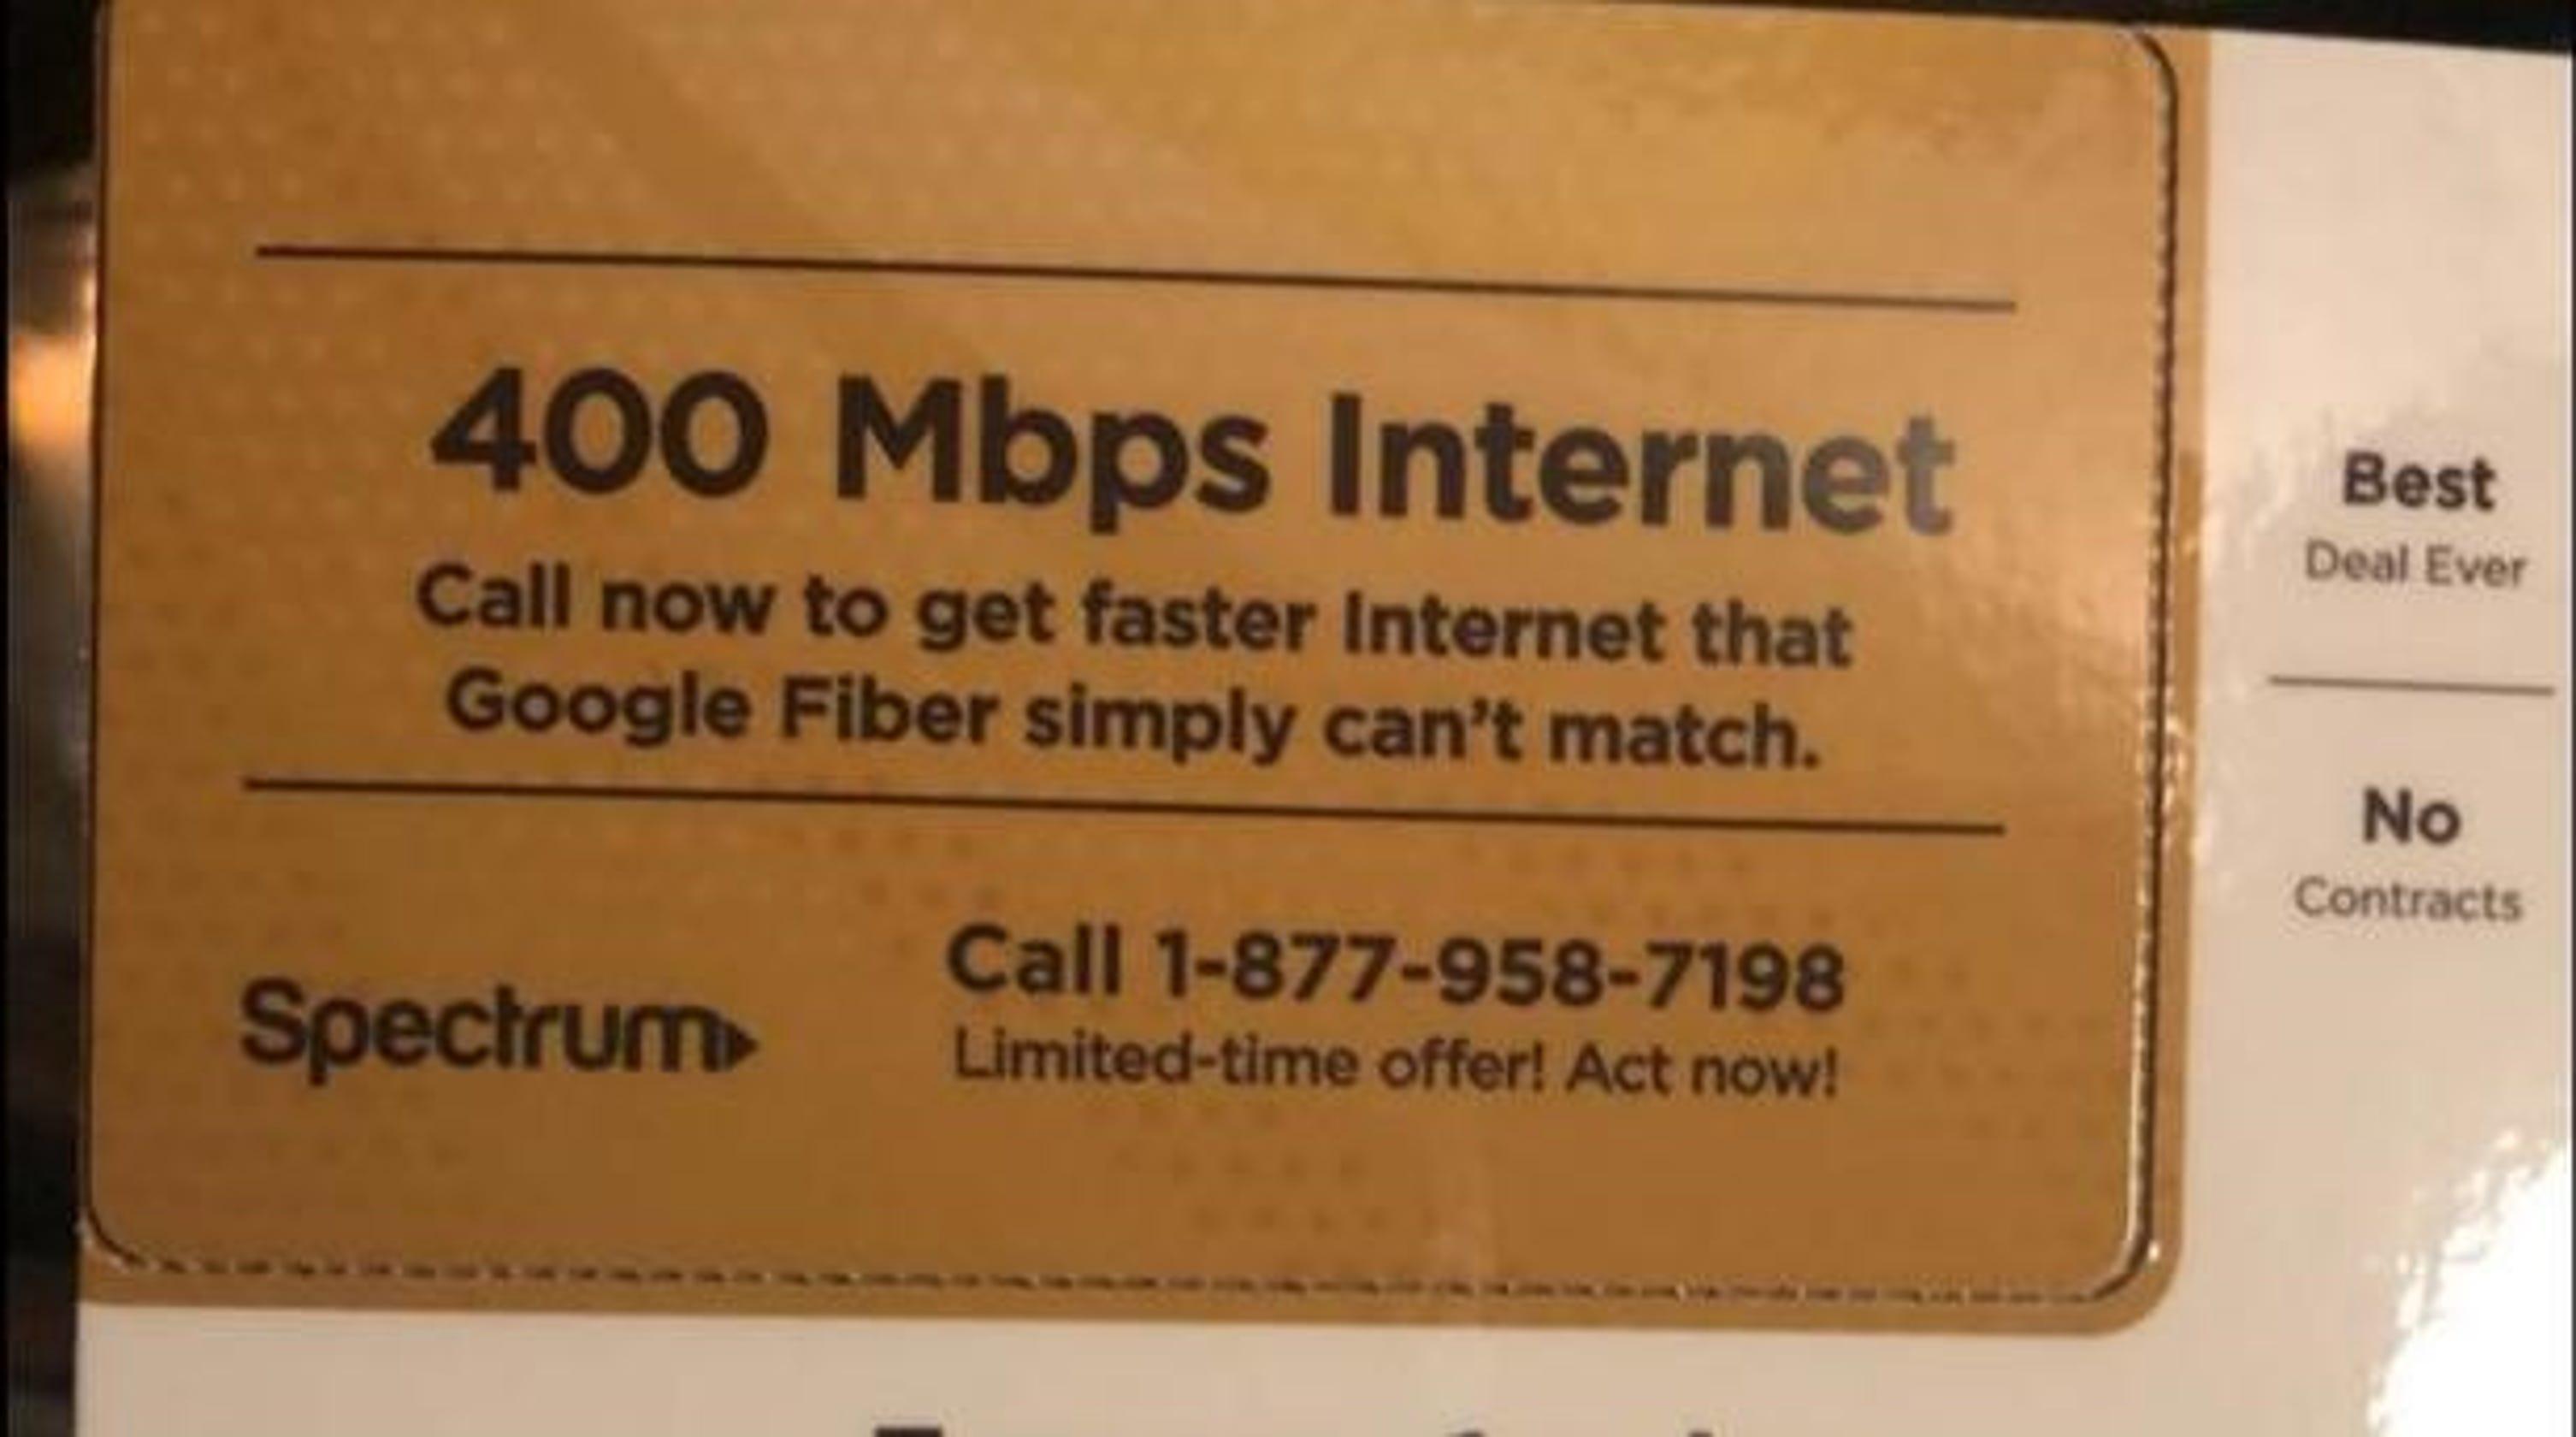 Google Fiber leaving Louisville: AT&T, Spectrum run deals